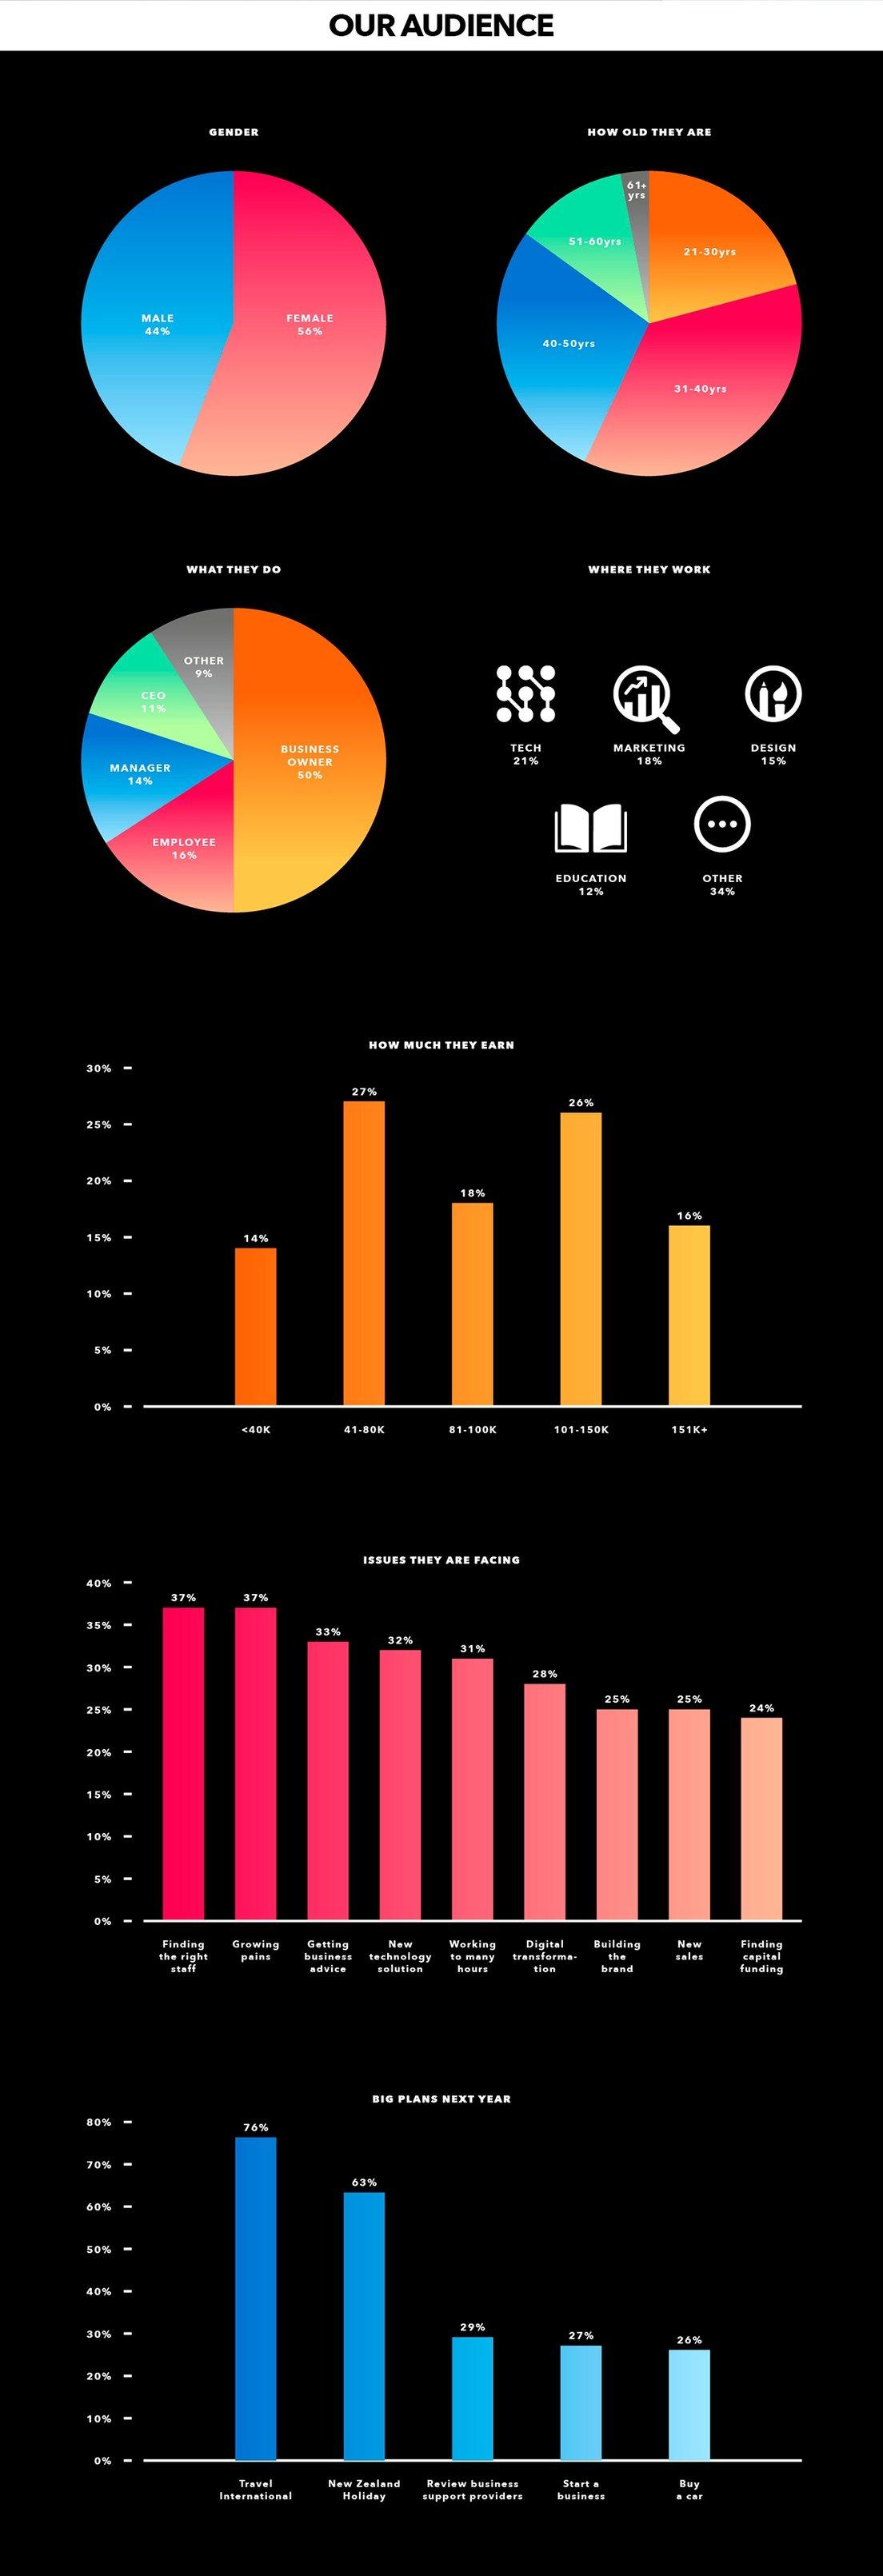 P210781 ICG media information charts_v1-1